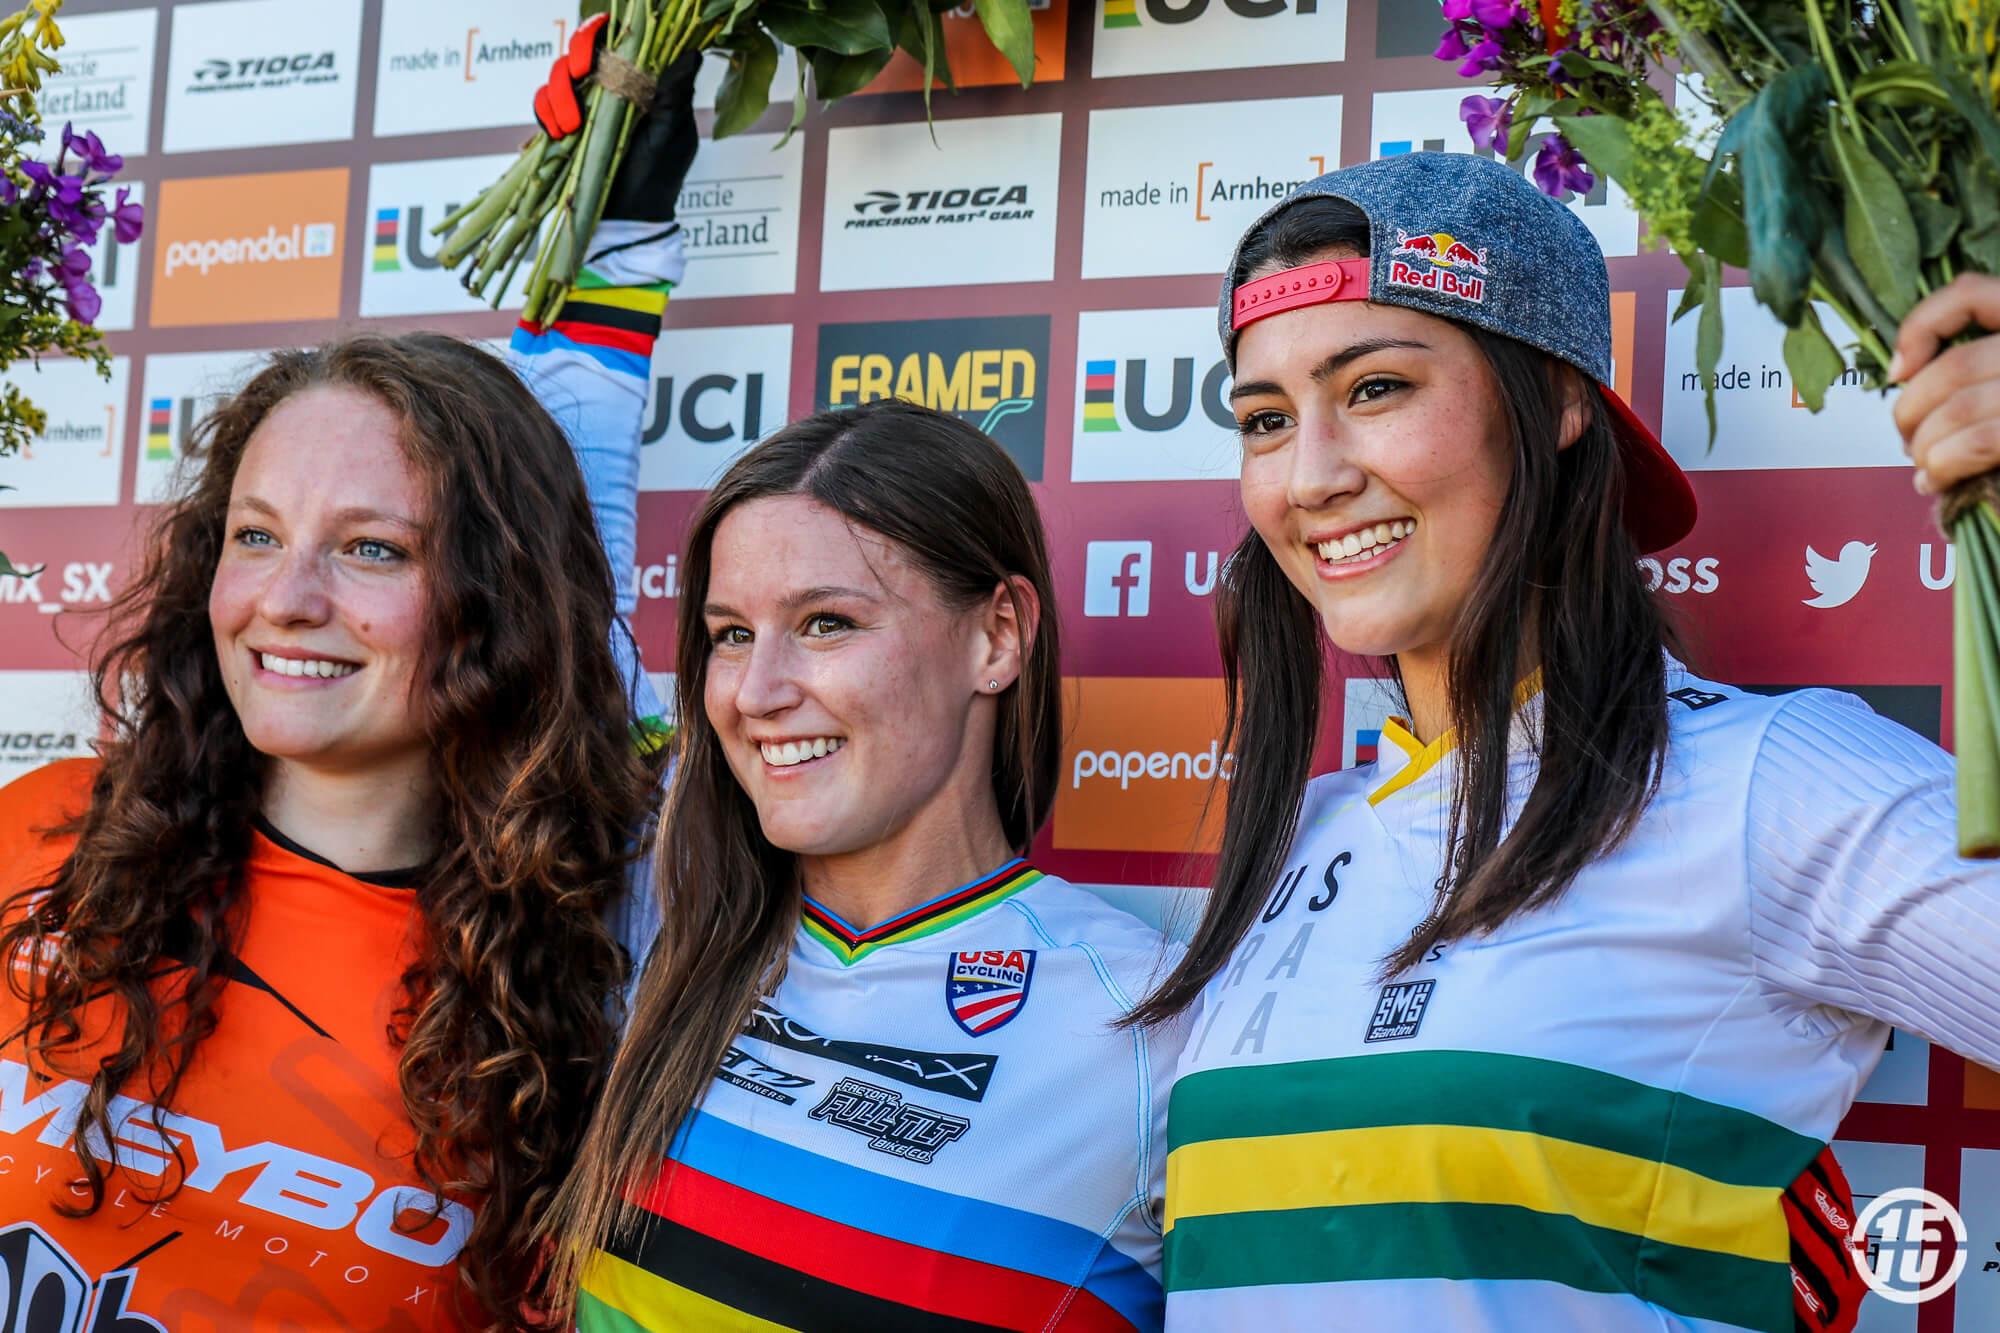 Judy Baauw 2018 R4 UCI SX Papendal - Fifteen BMX